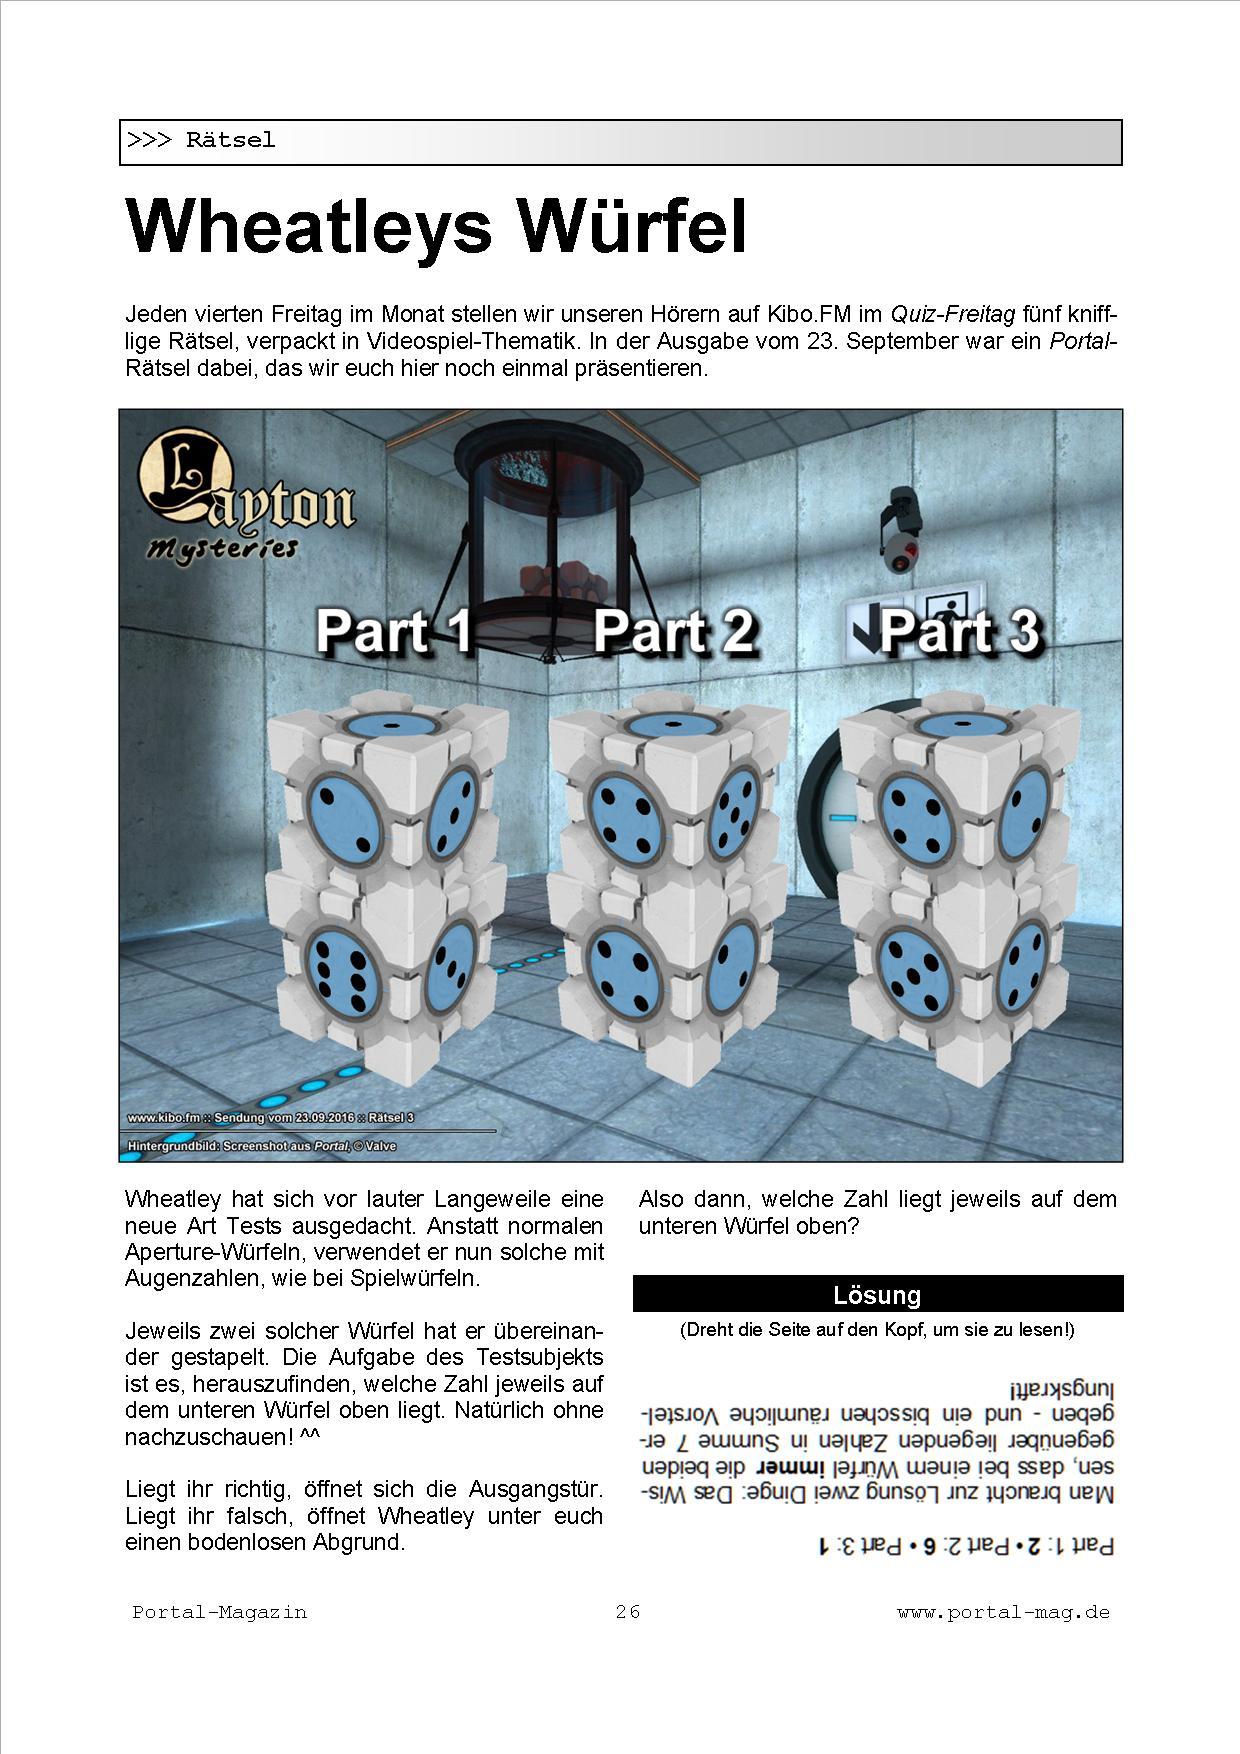 Ausgabe 36, Seite 26